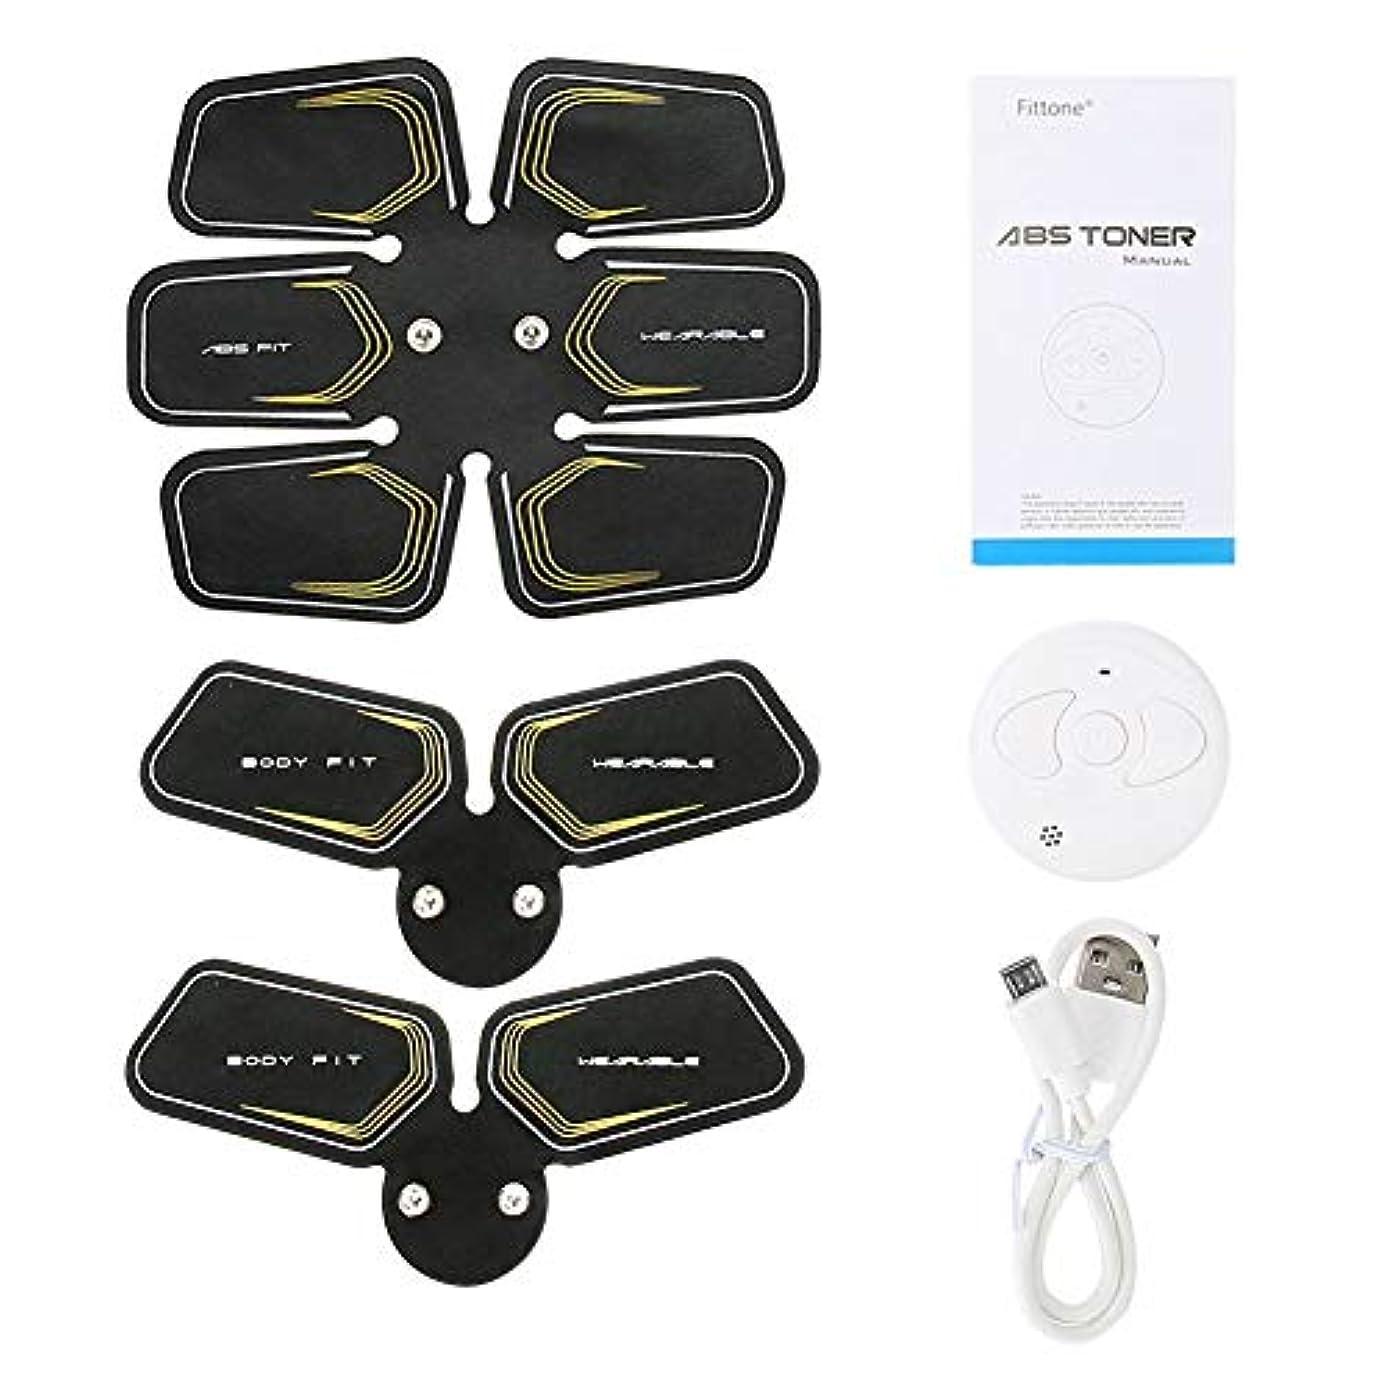 にんじん不透明な発表フィットネスマシンマッスルスティミュレーター、8モードusb充電式電気腹部マッスルスティミュレーターマッサージャーフィットネス腹部筋肉トレーニング